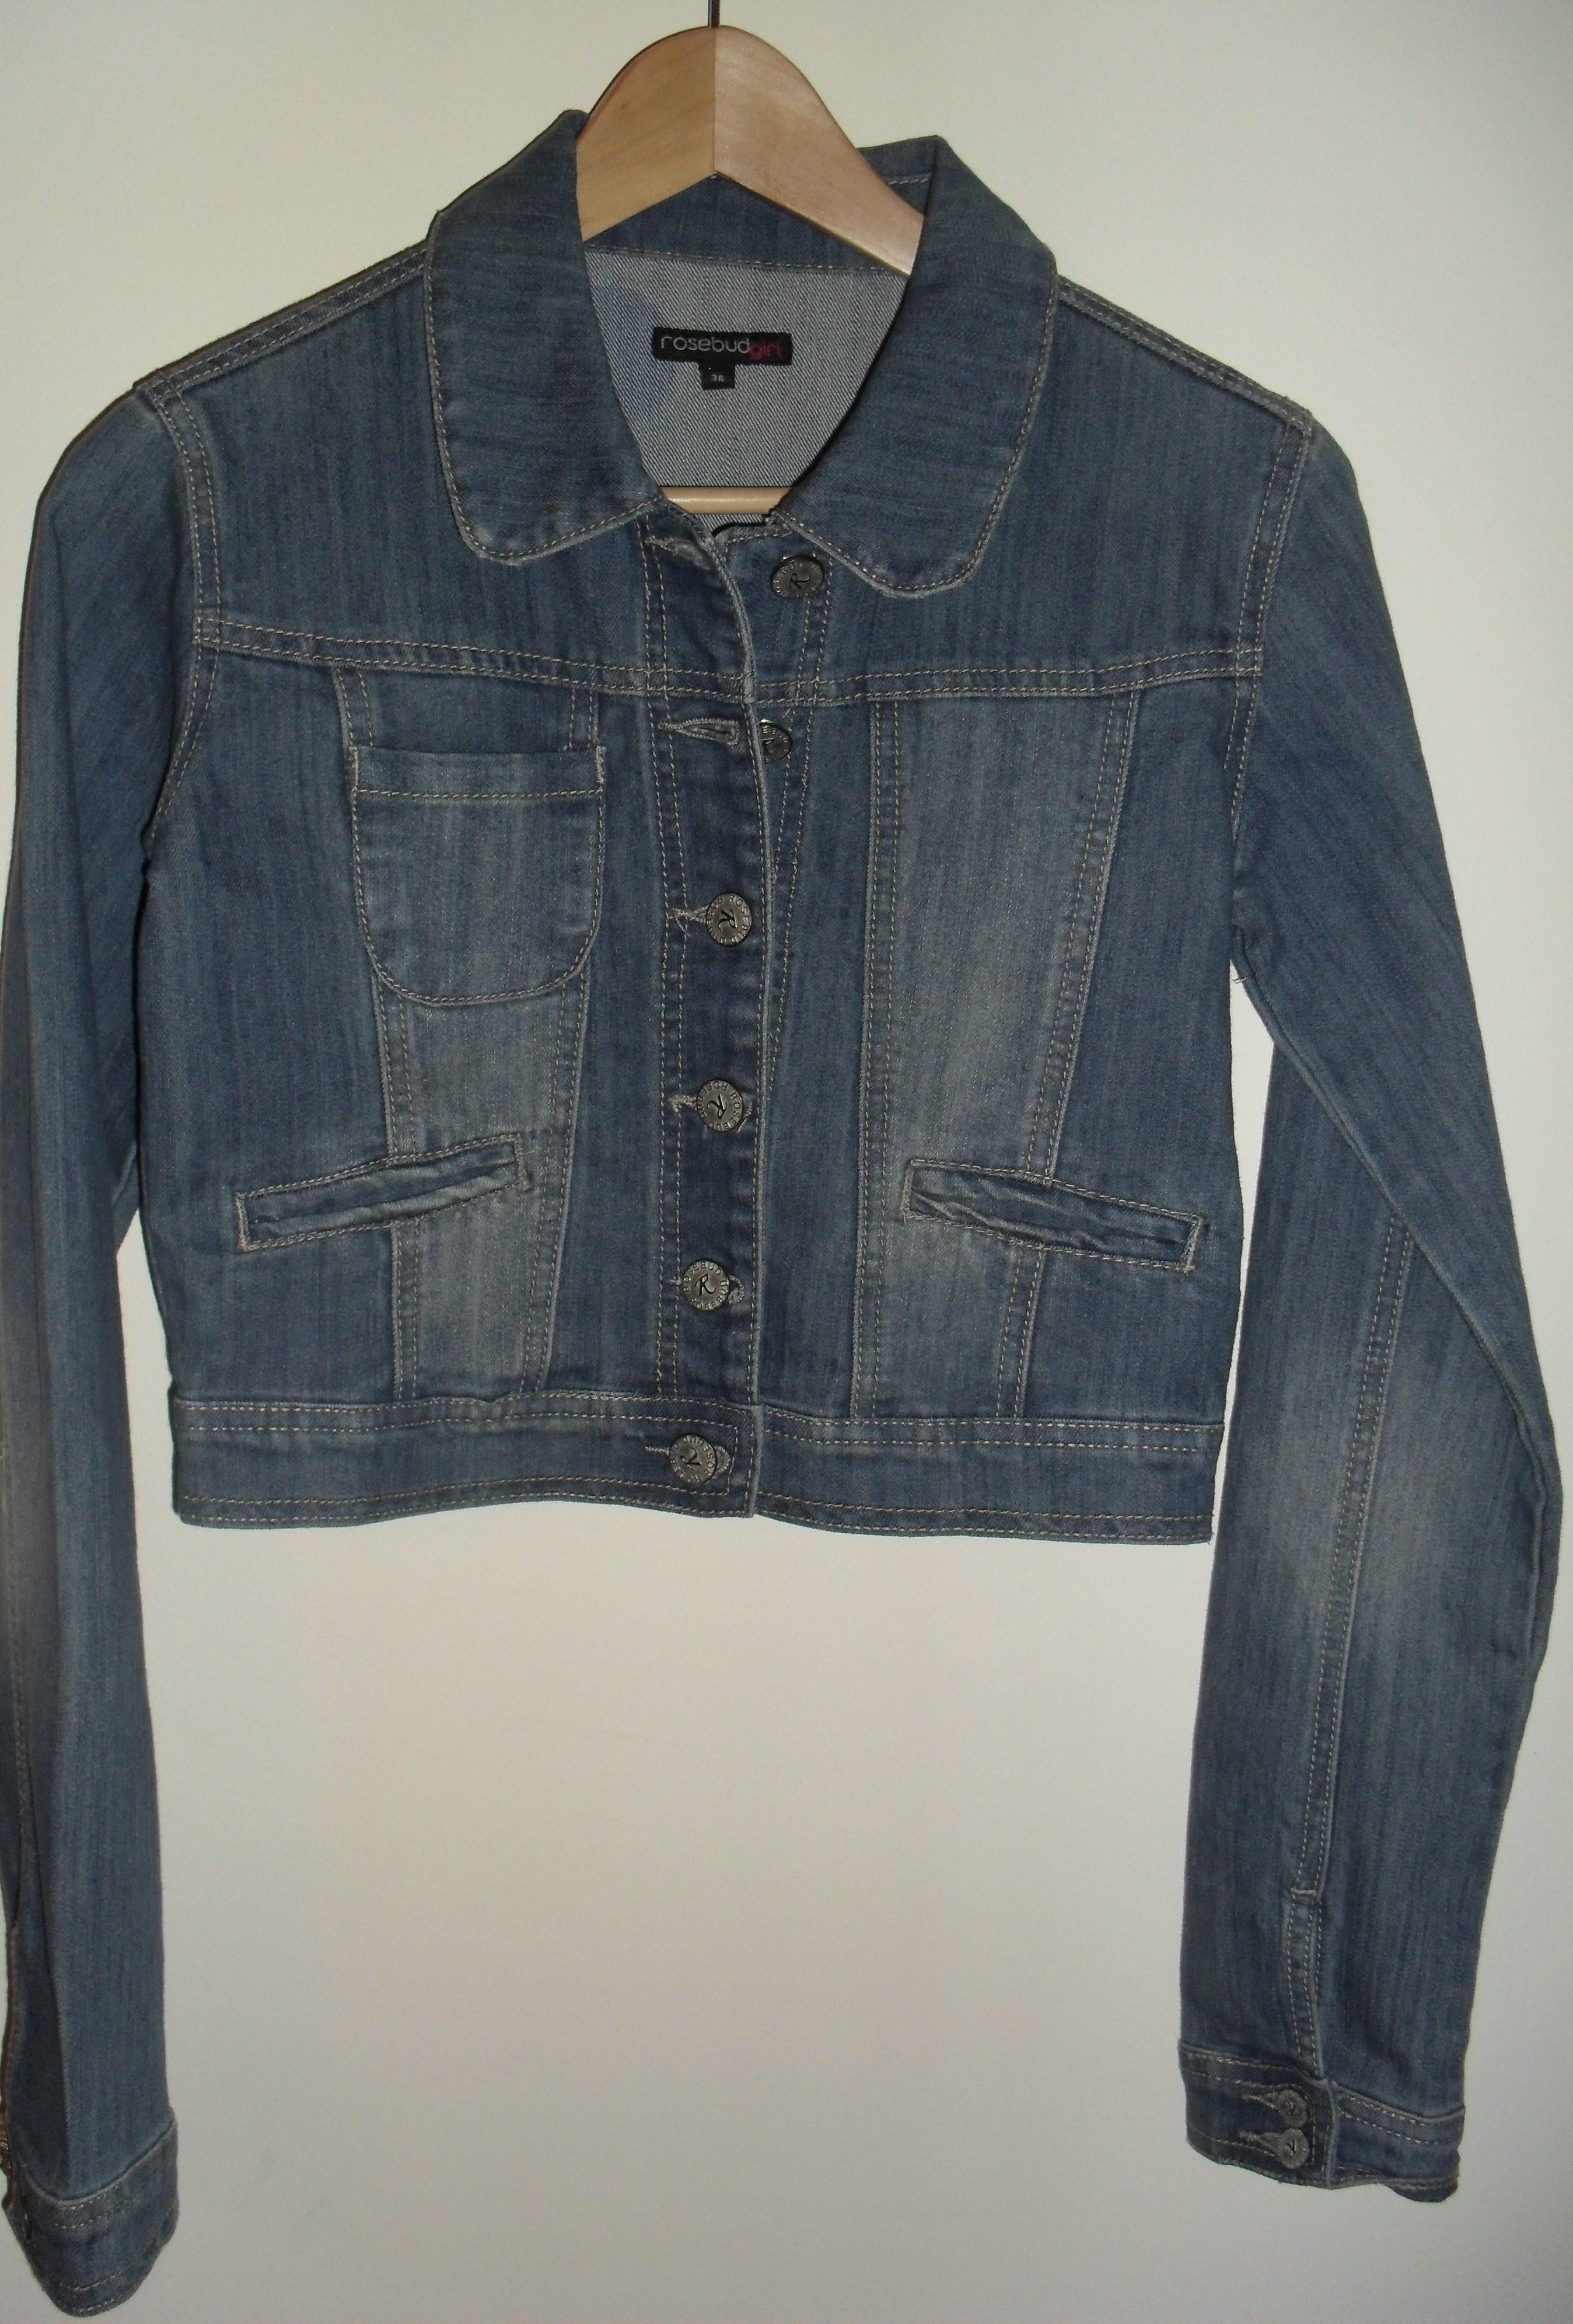 veste jean neuve taille 36 at the friponne 39 s dressing. Black Bedroom Furniture Sets. Home Design Ideas